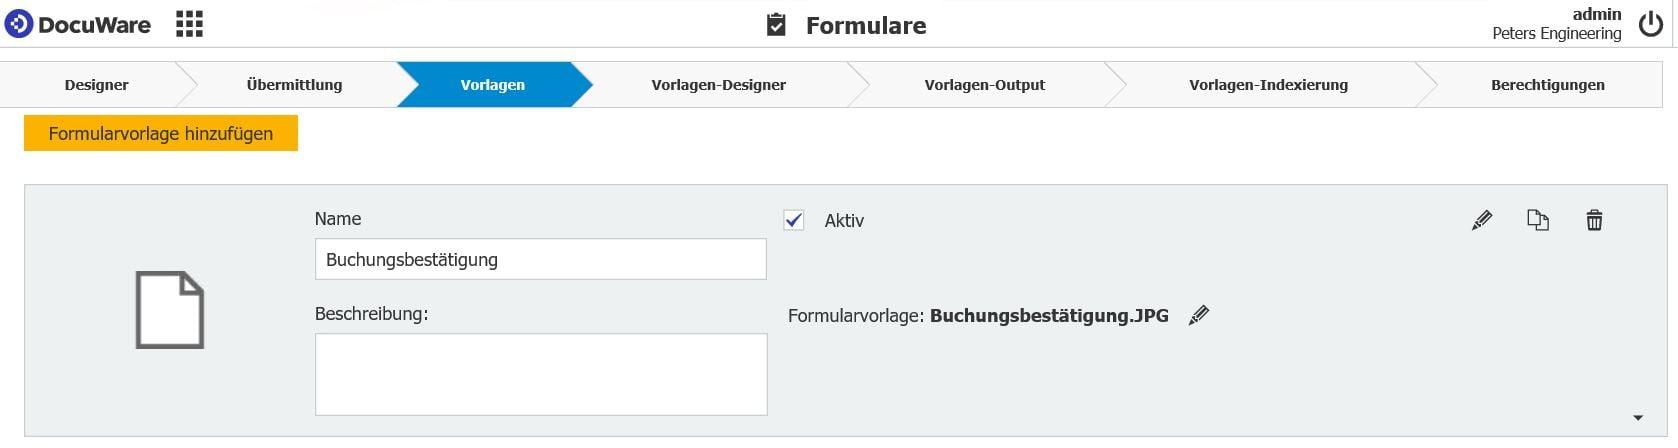 Formularvorlagen einfügen in DocuWare